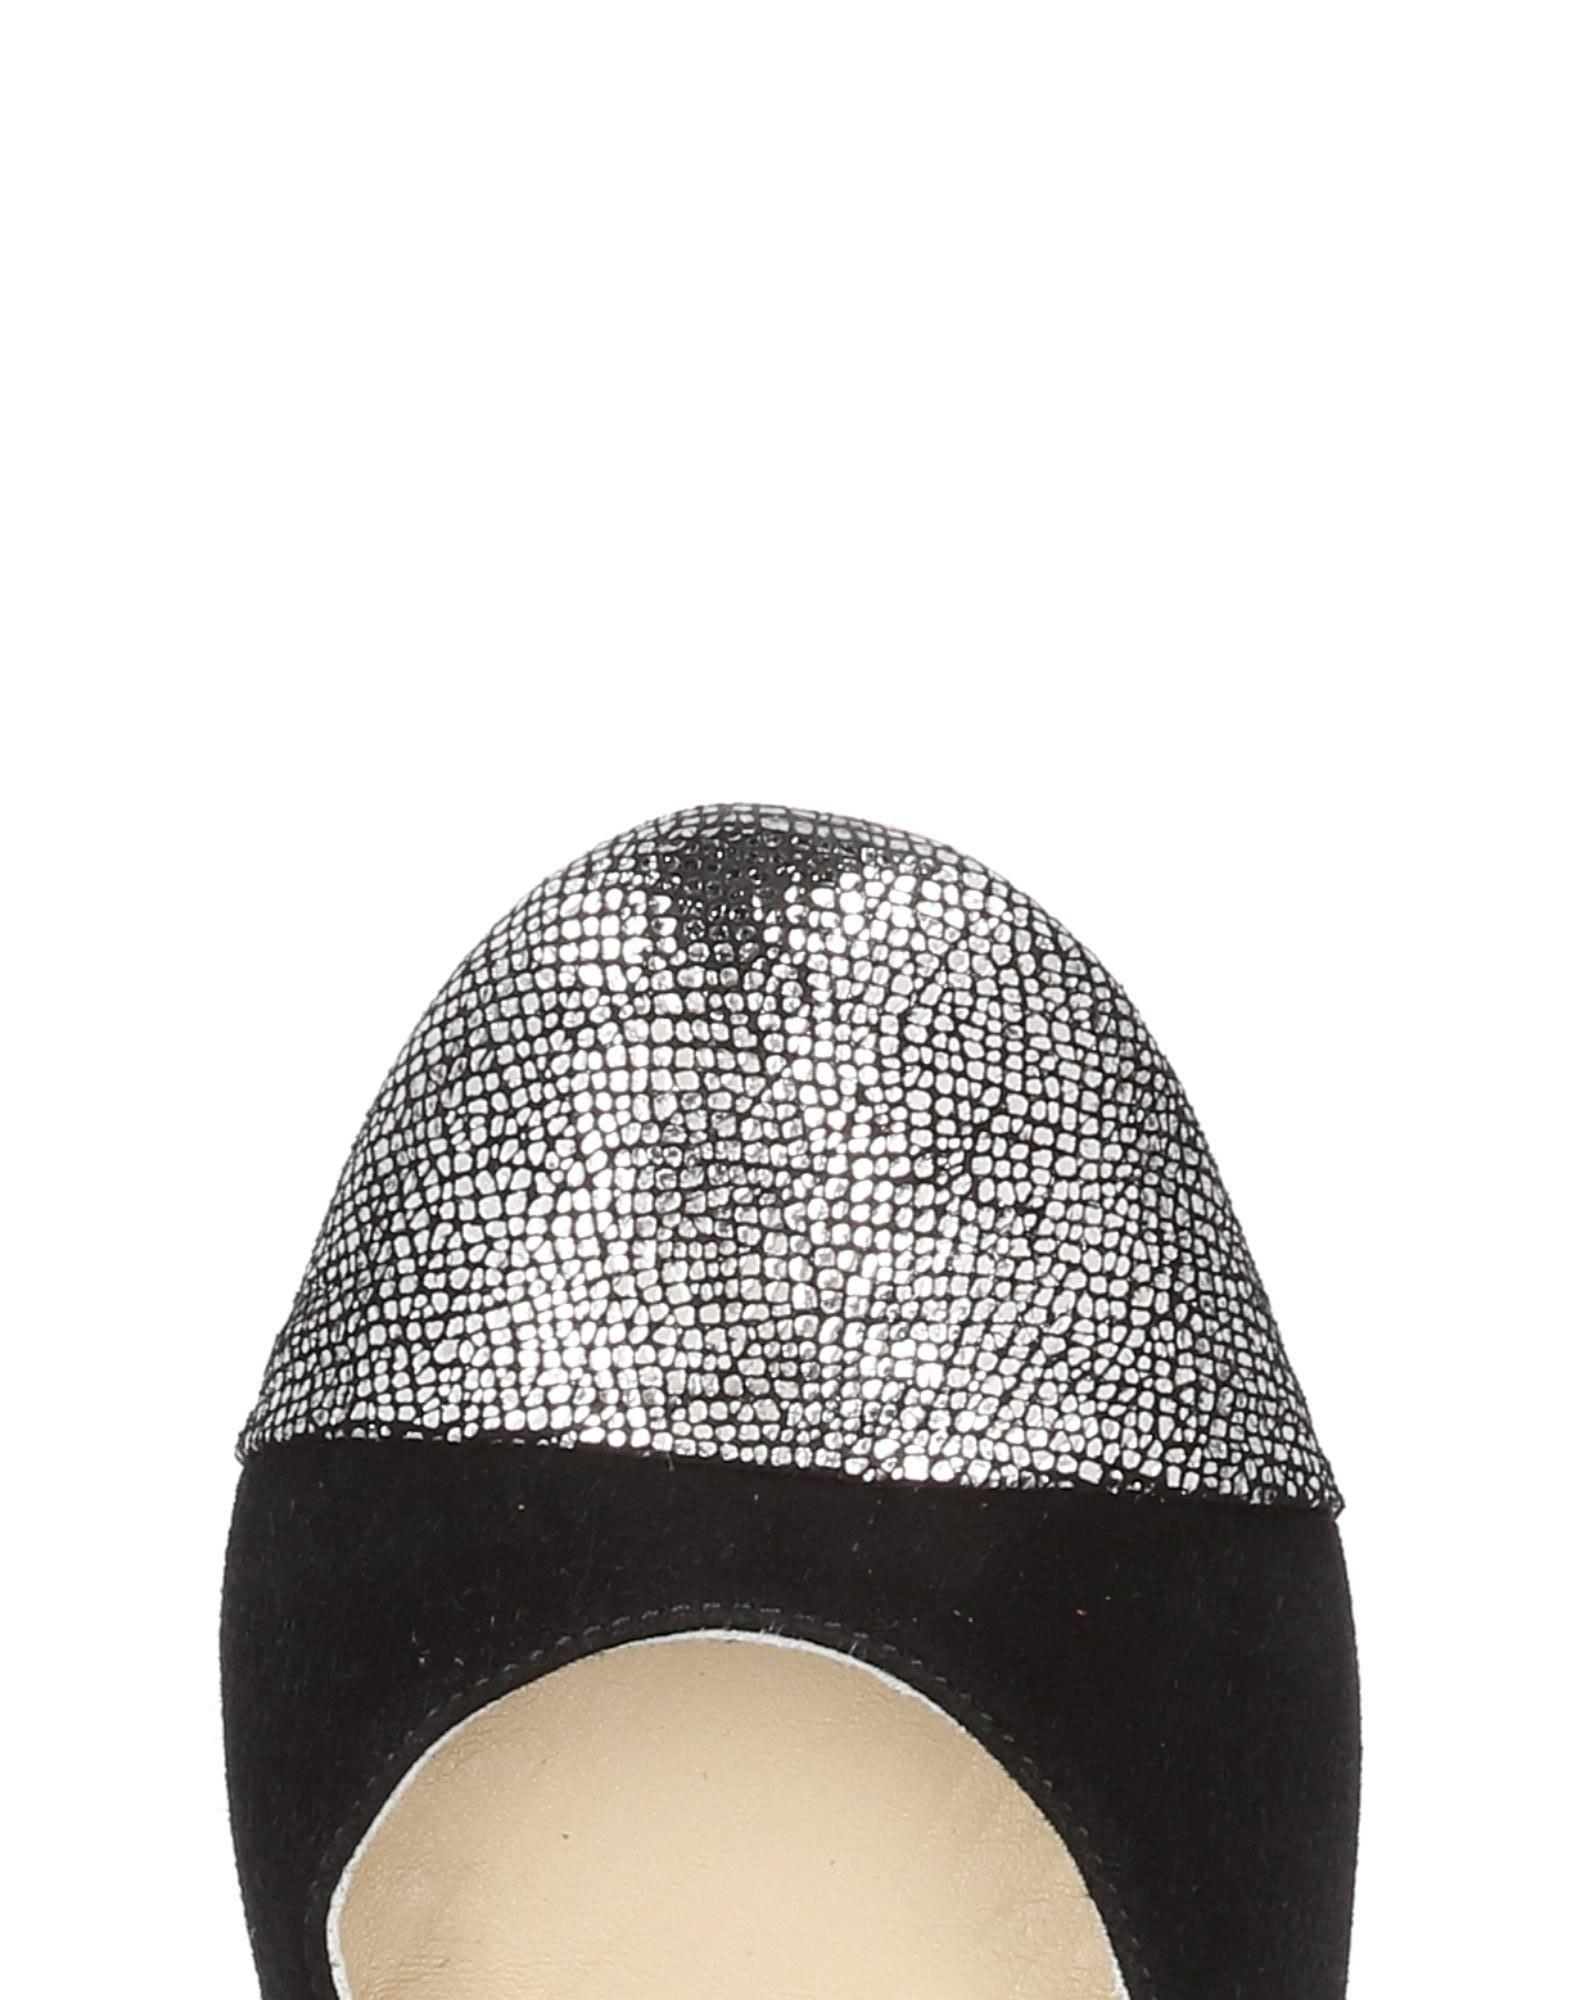 Kudetà Pumps Damen  11434172VI Gute Qualität beliebte Schuhe